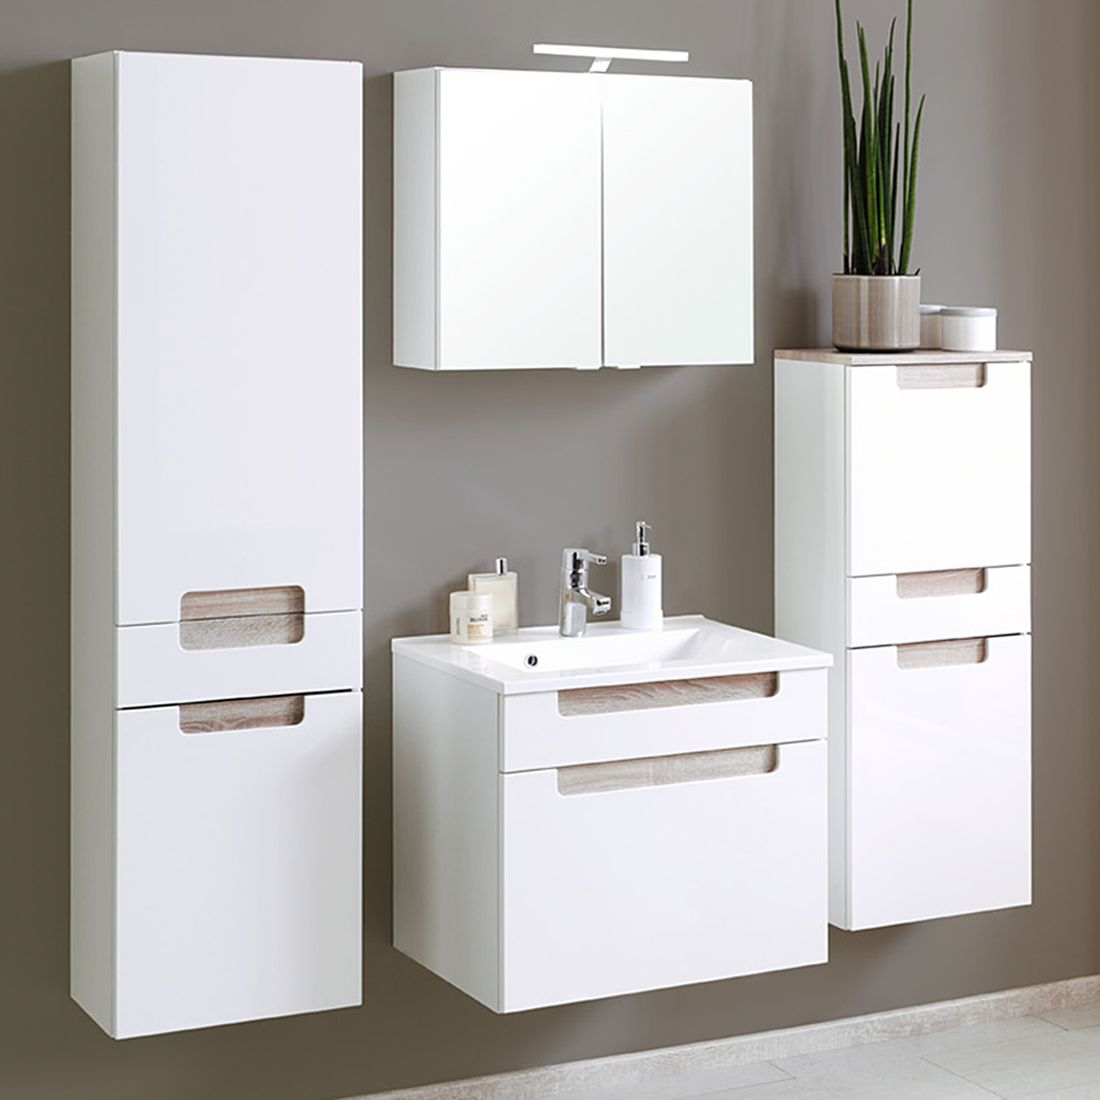 badmöbel-sets 3 teilig | entdecke dein waschtisch-set online | home24, Badezimmer ideen